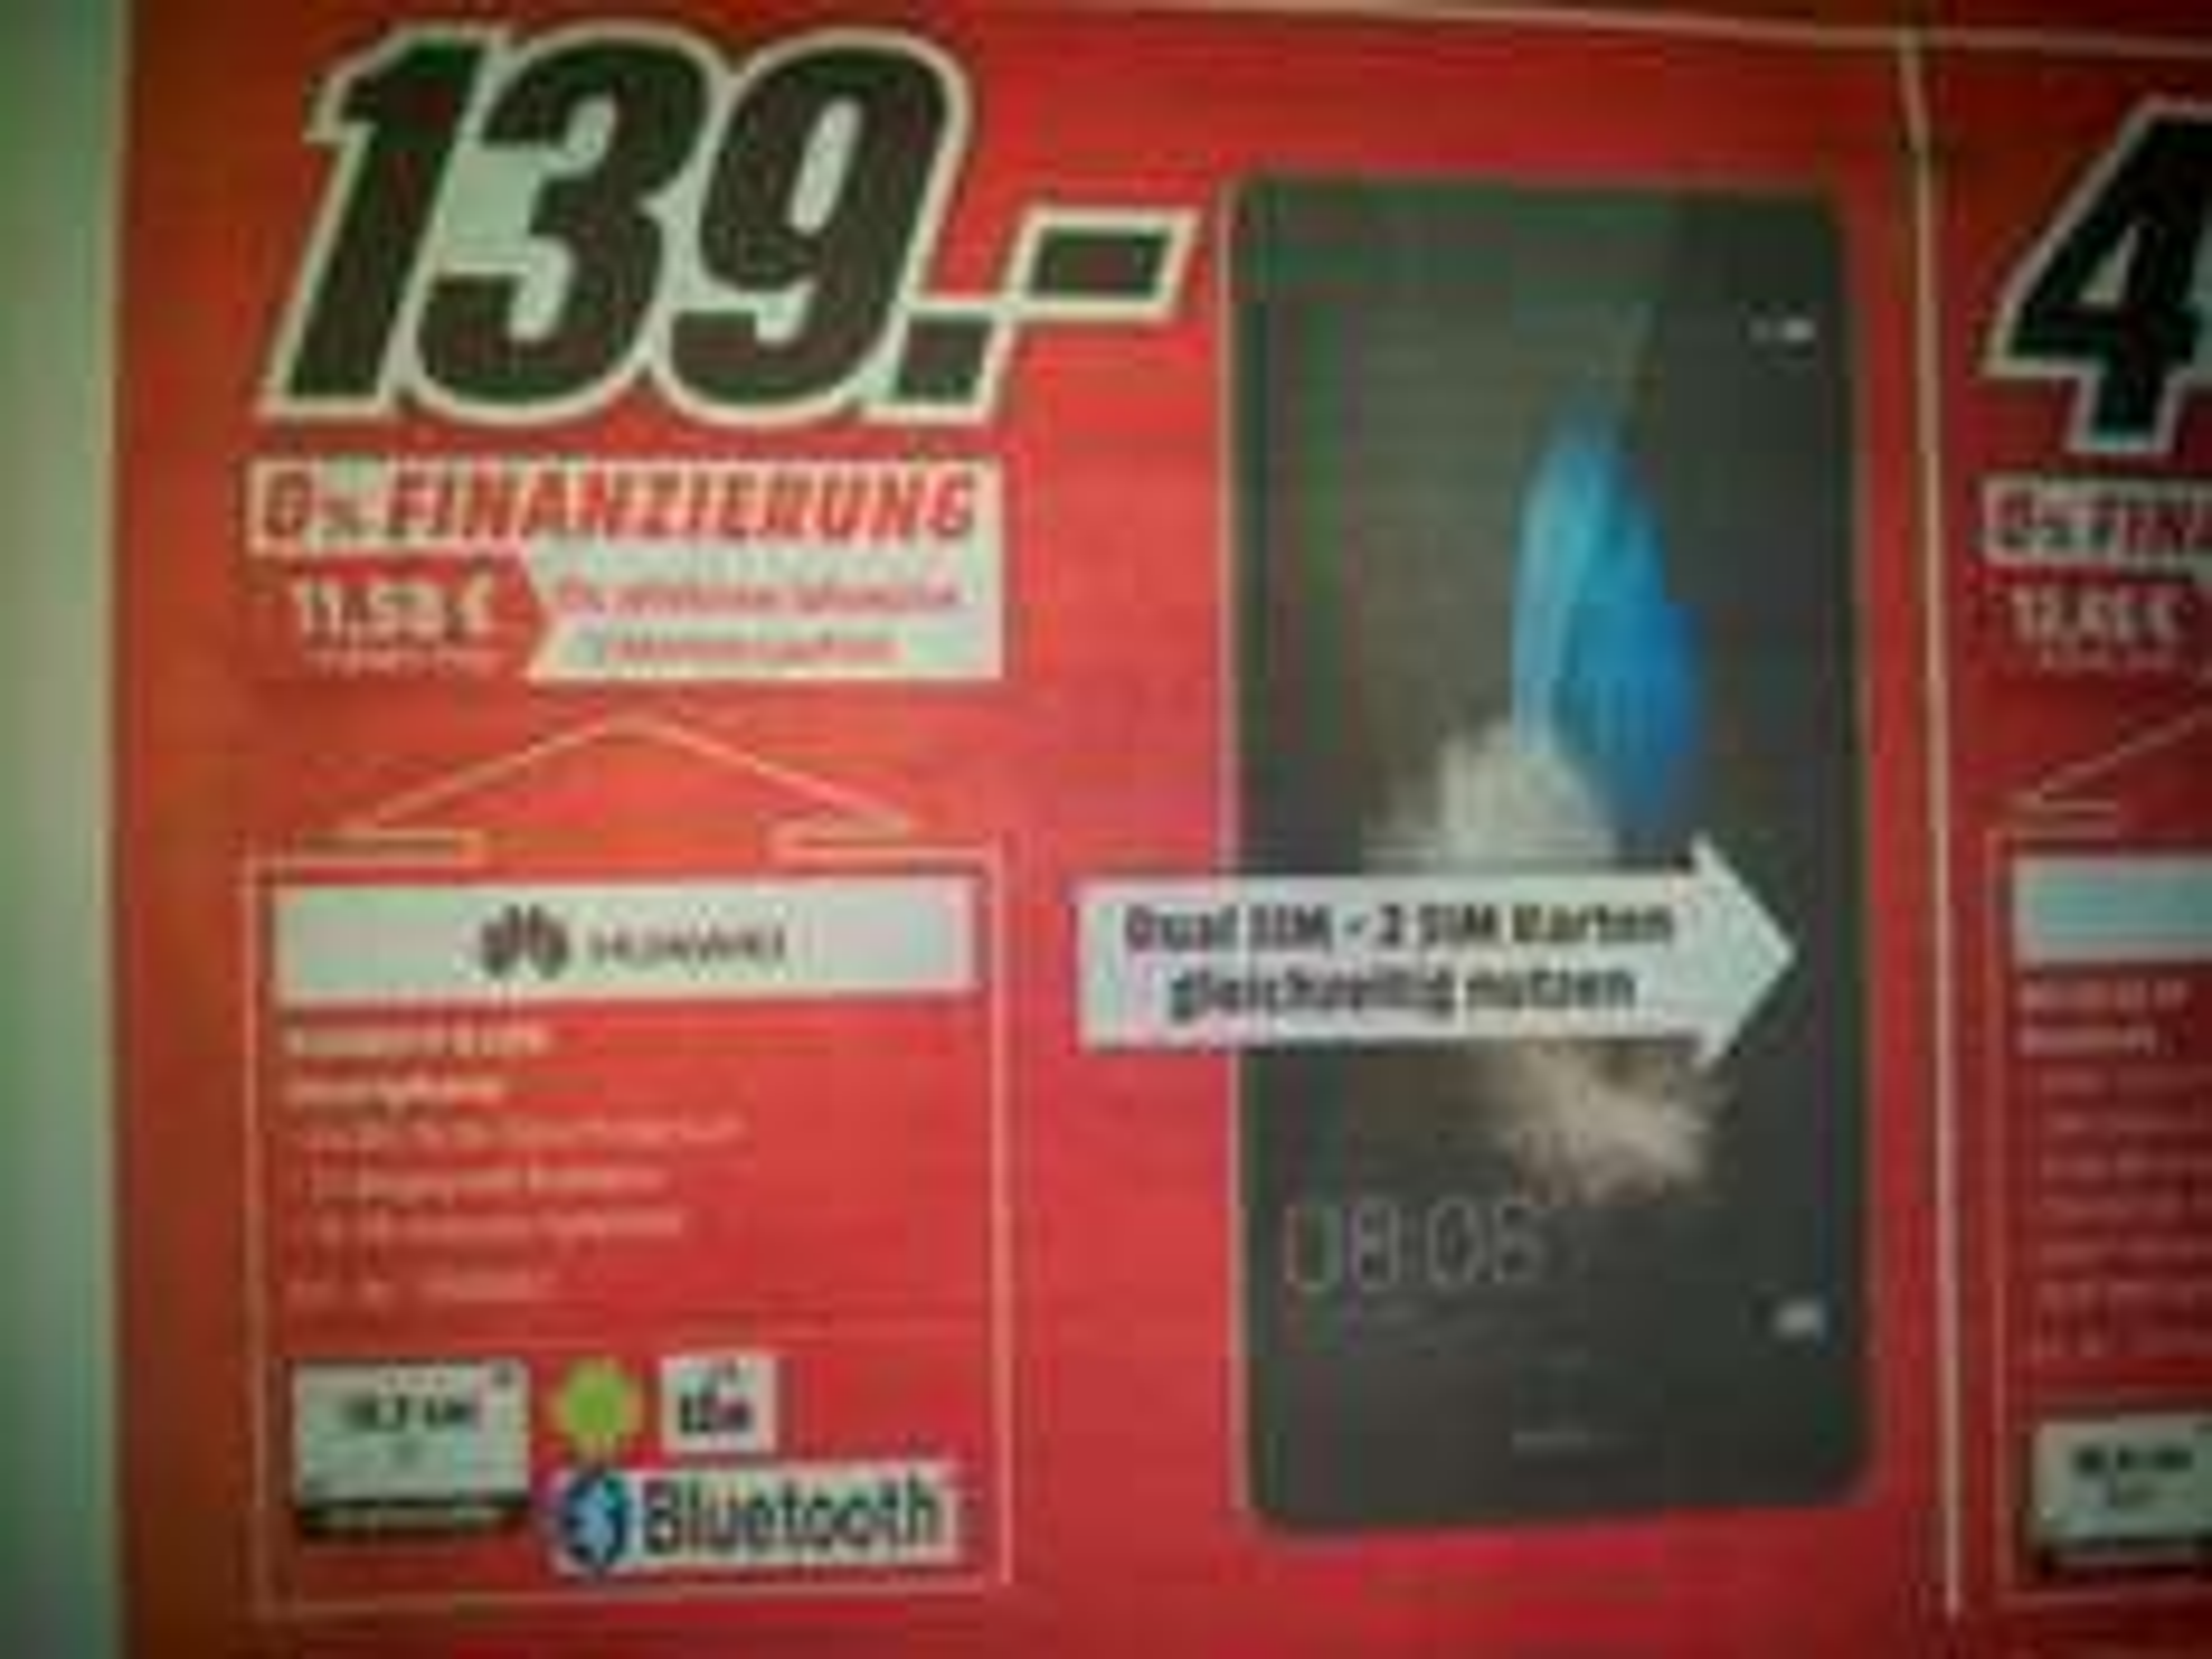 (Lokal) Media Markt Osnabrück Huawei P8 Lite Dual nur heute von 13-18 Uhr für 139€